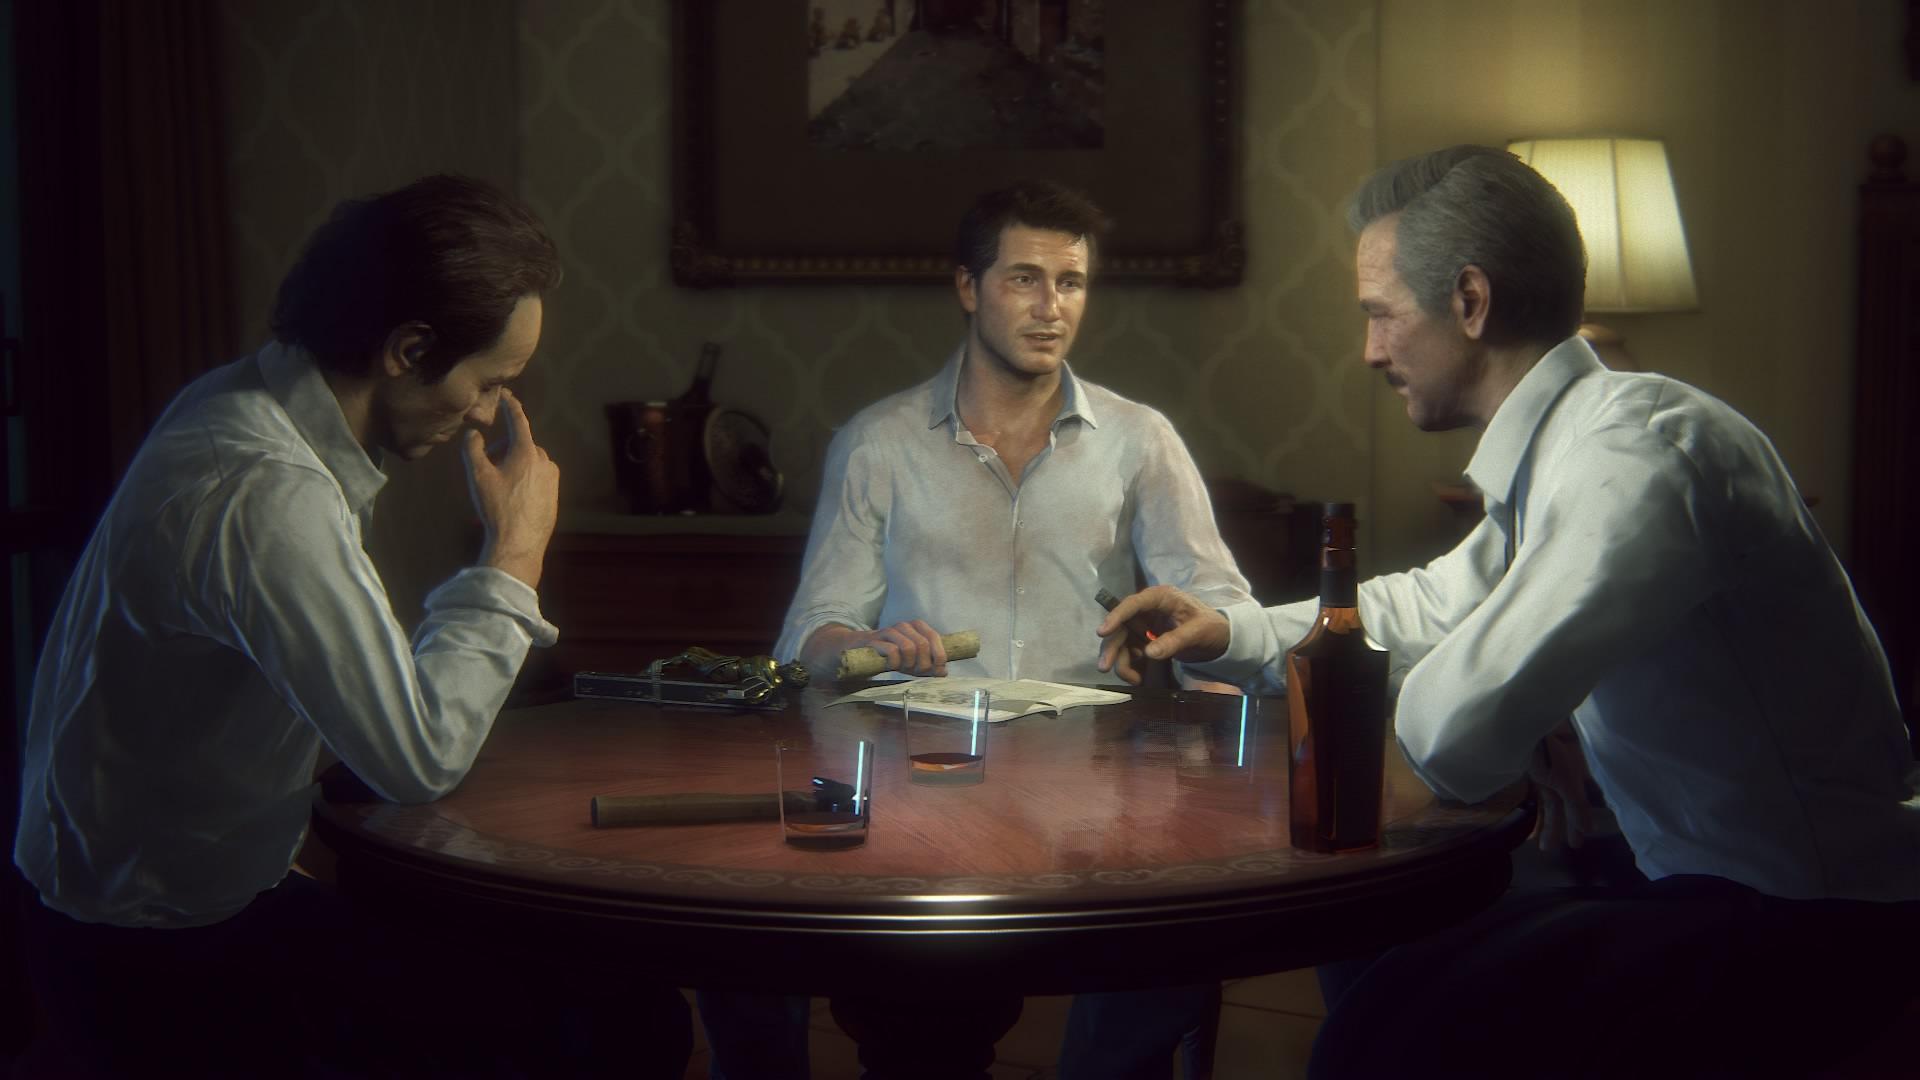 Przyjaciele przy stole. W Uncharted 4 relacje pomiędzy postaciami są bardzo ważne.